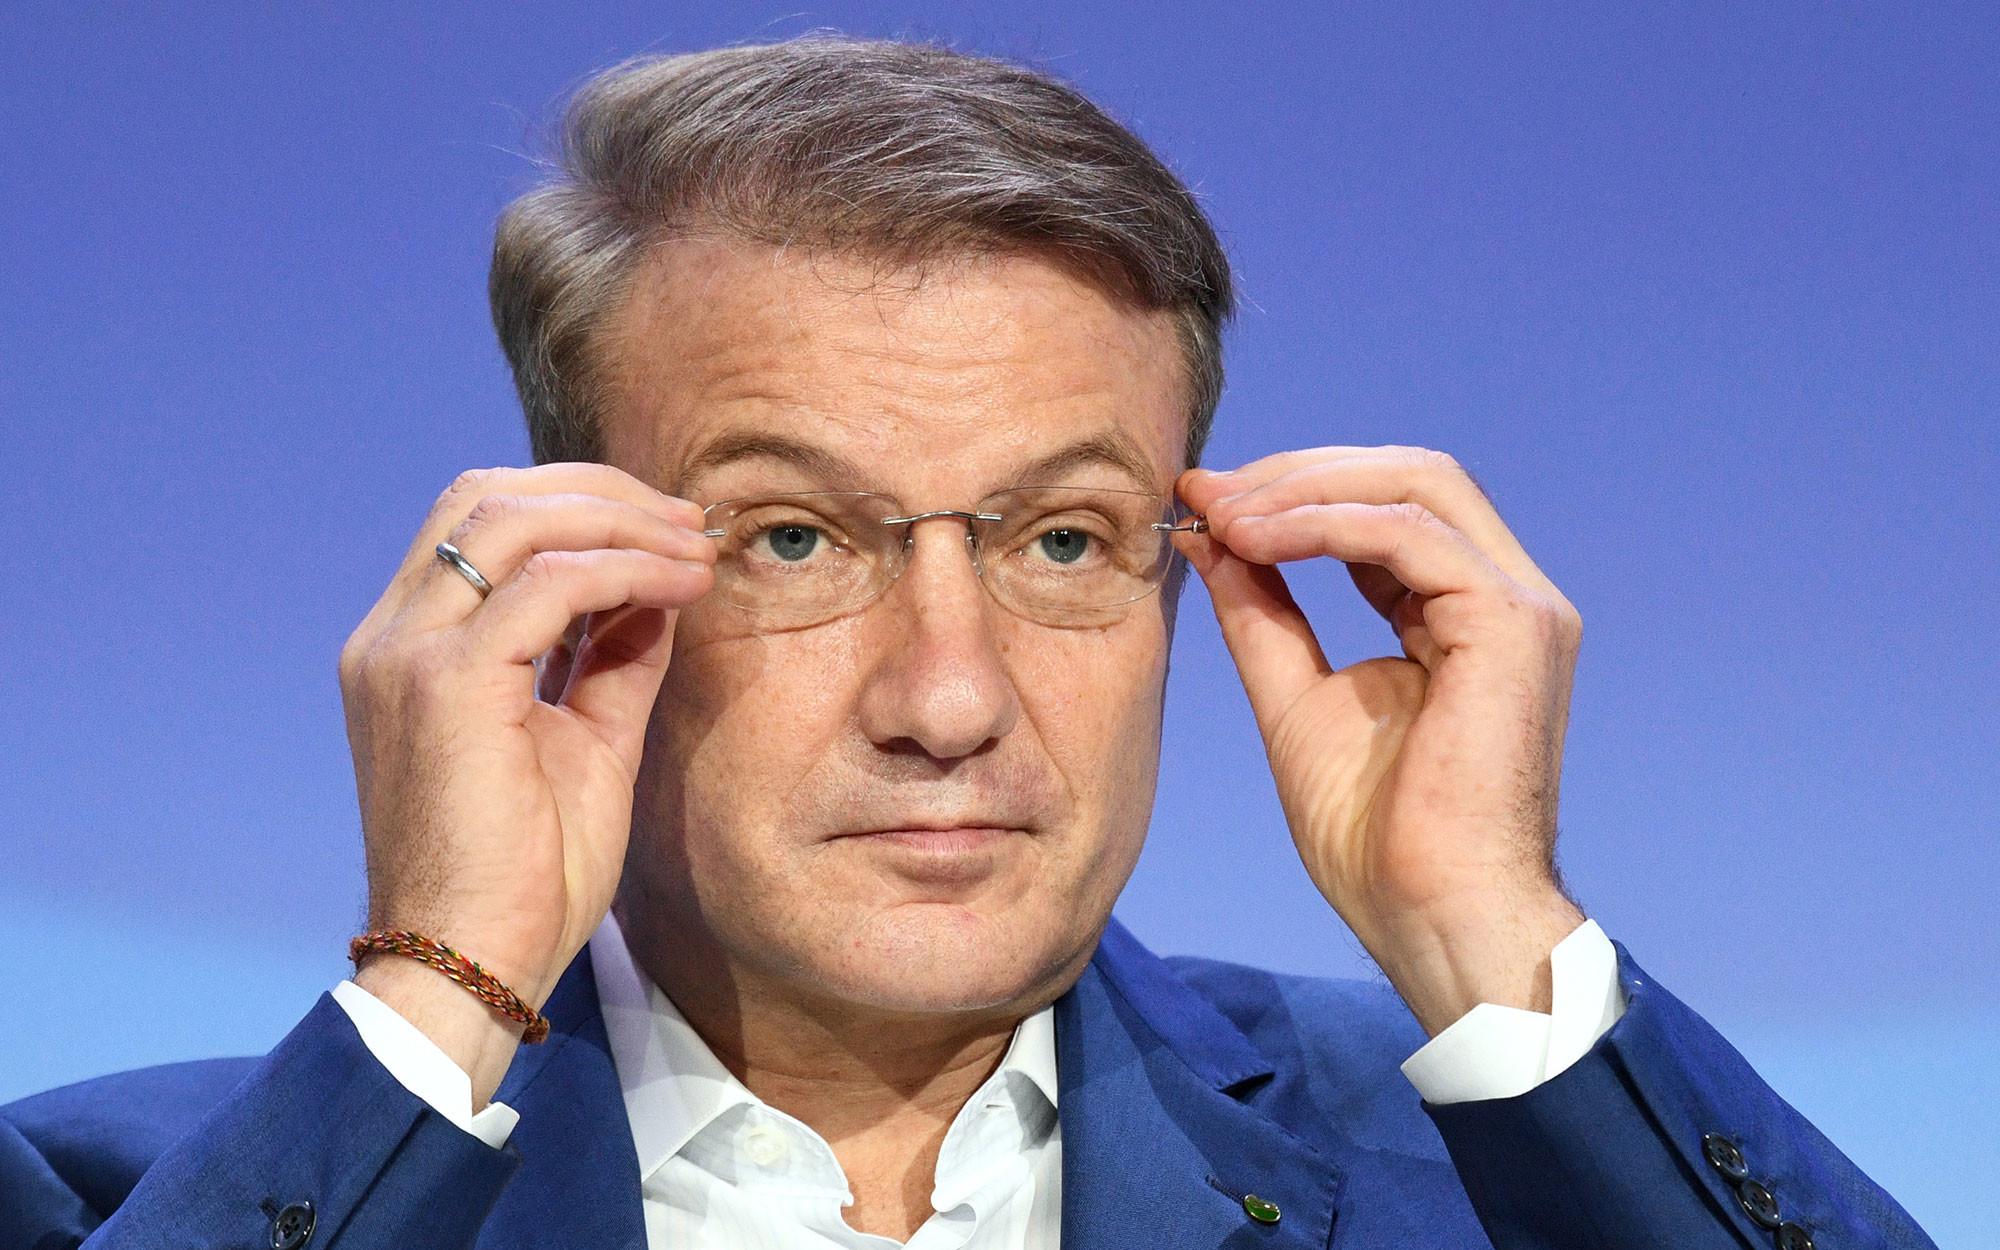 Председатель правления Сбербанка России Герман Греф. Фото: © РИА Новости / Григорий Сысоев